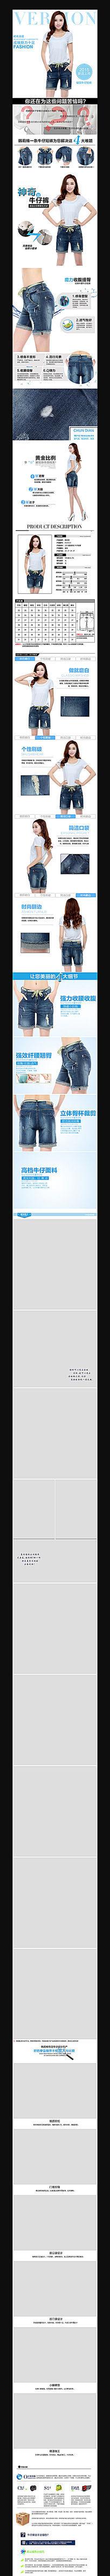 淘宝天猫女装短裤详情页描述模板